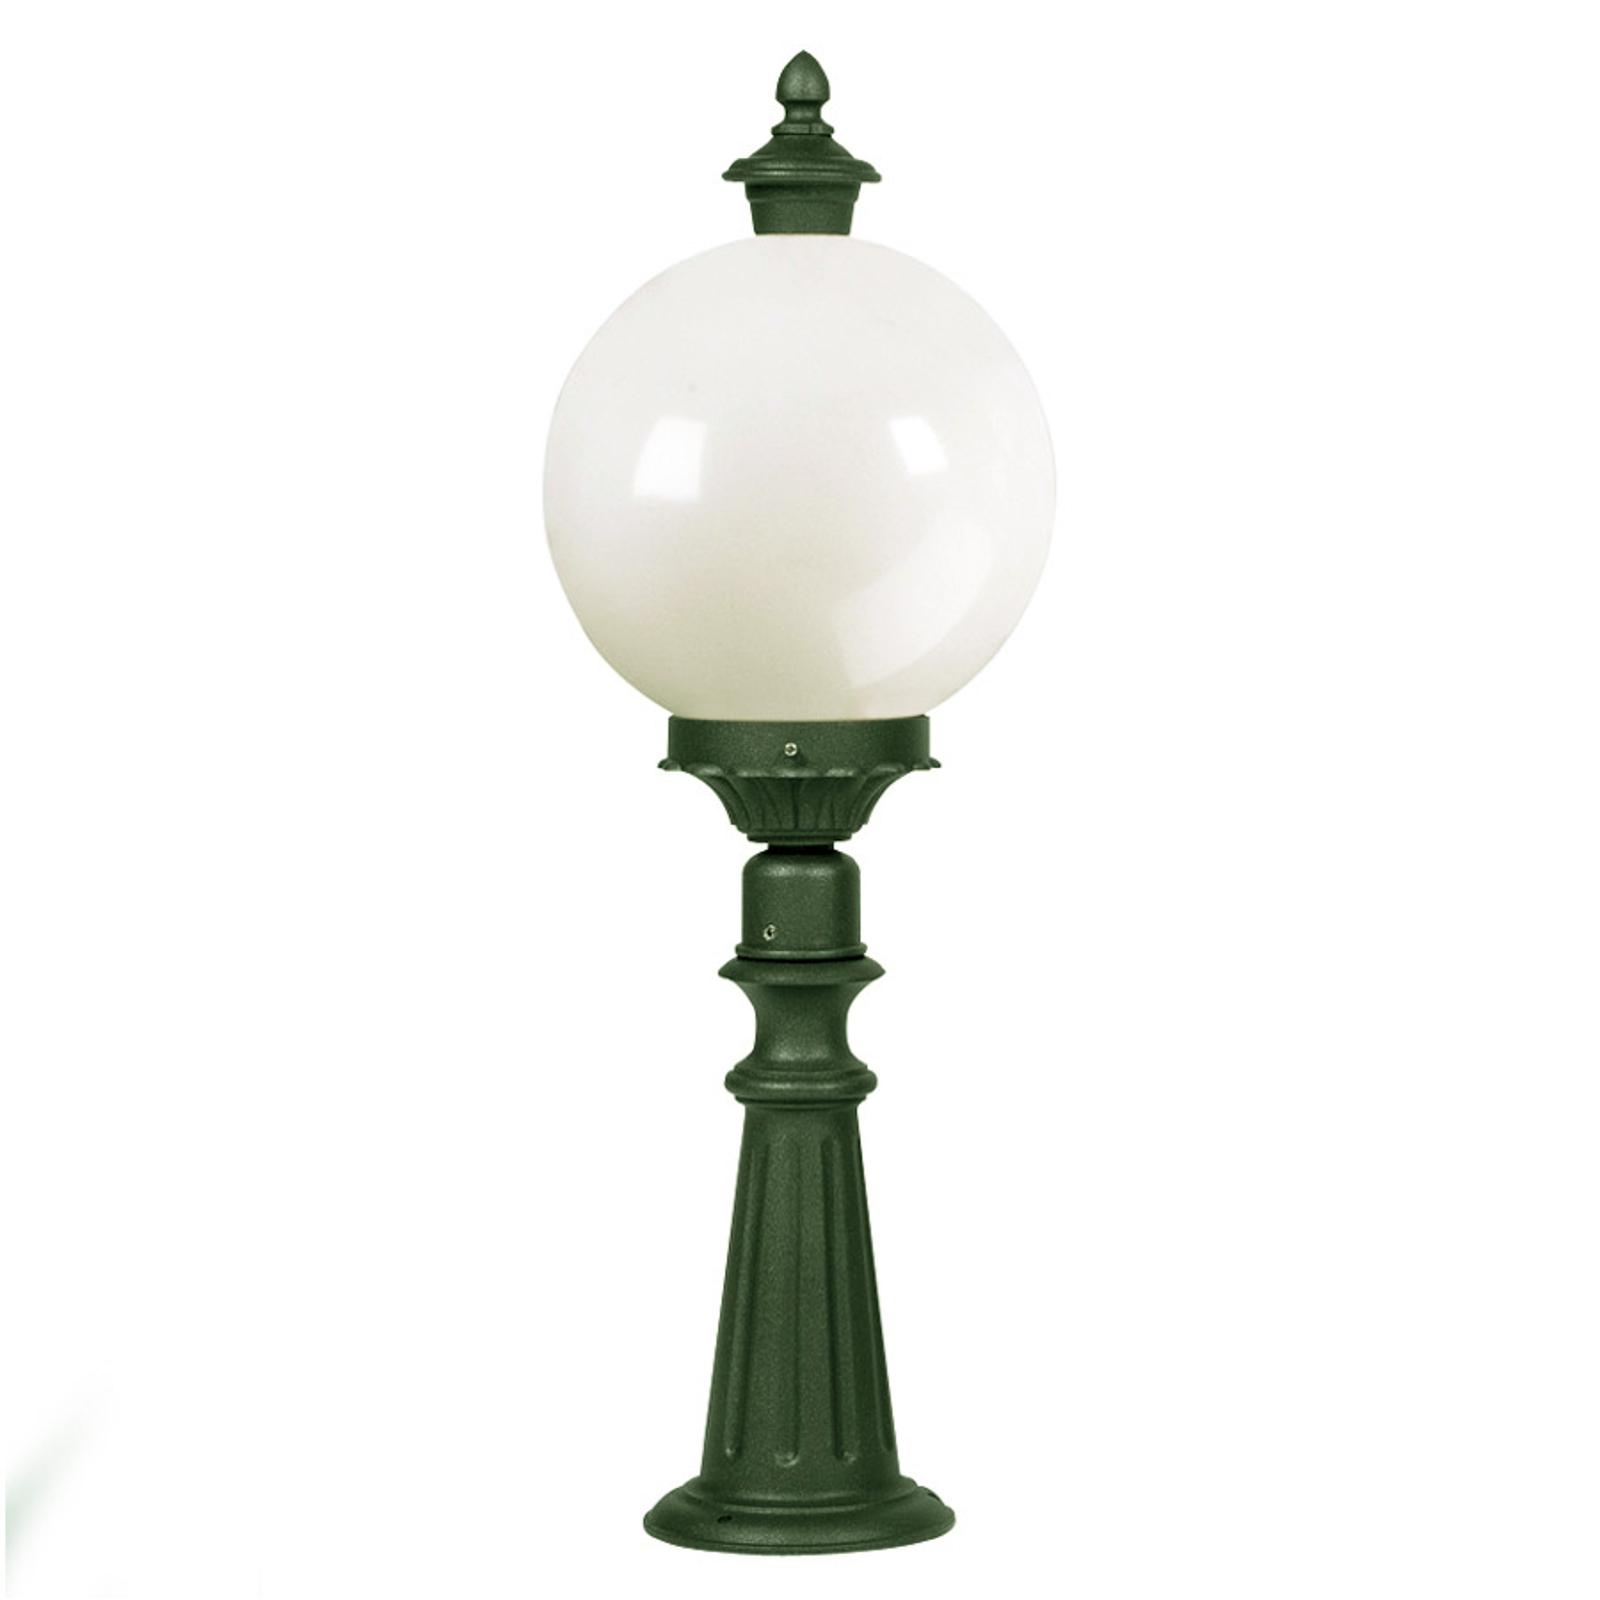 Luminaire pour socle Madeira vert foncé